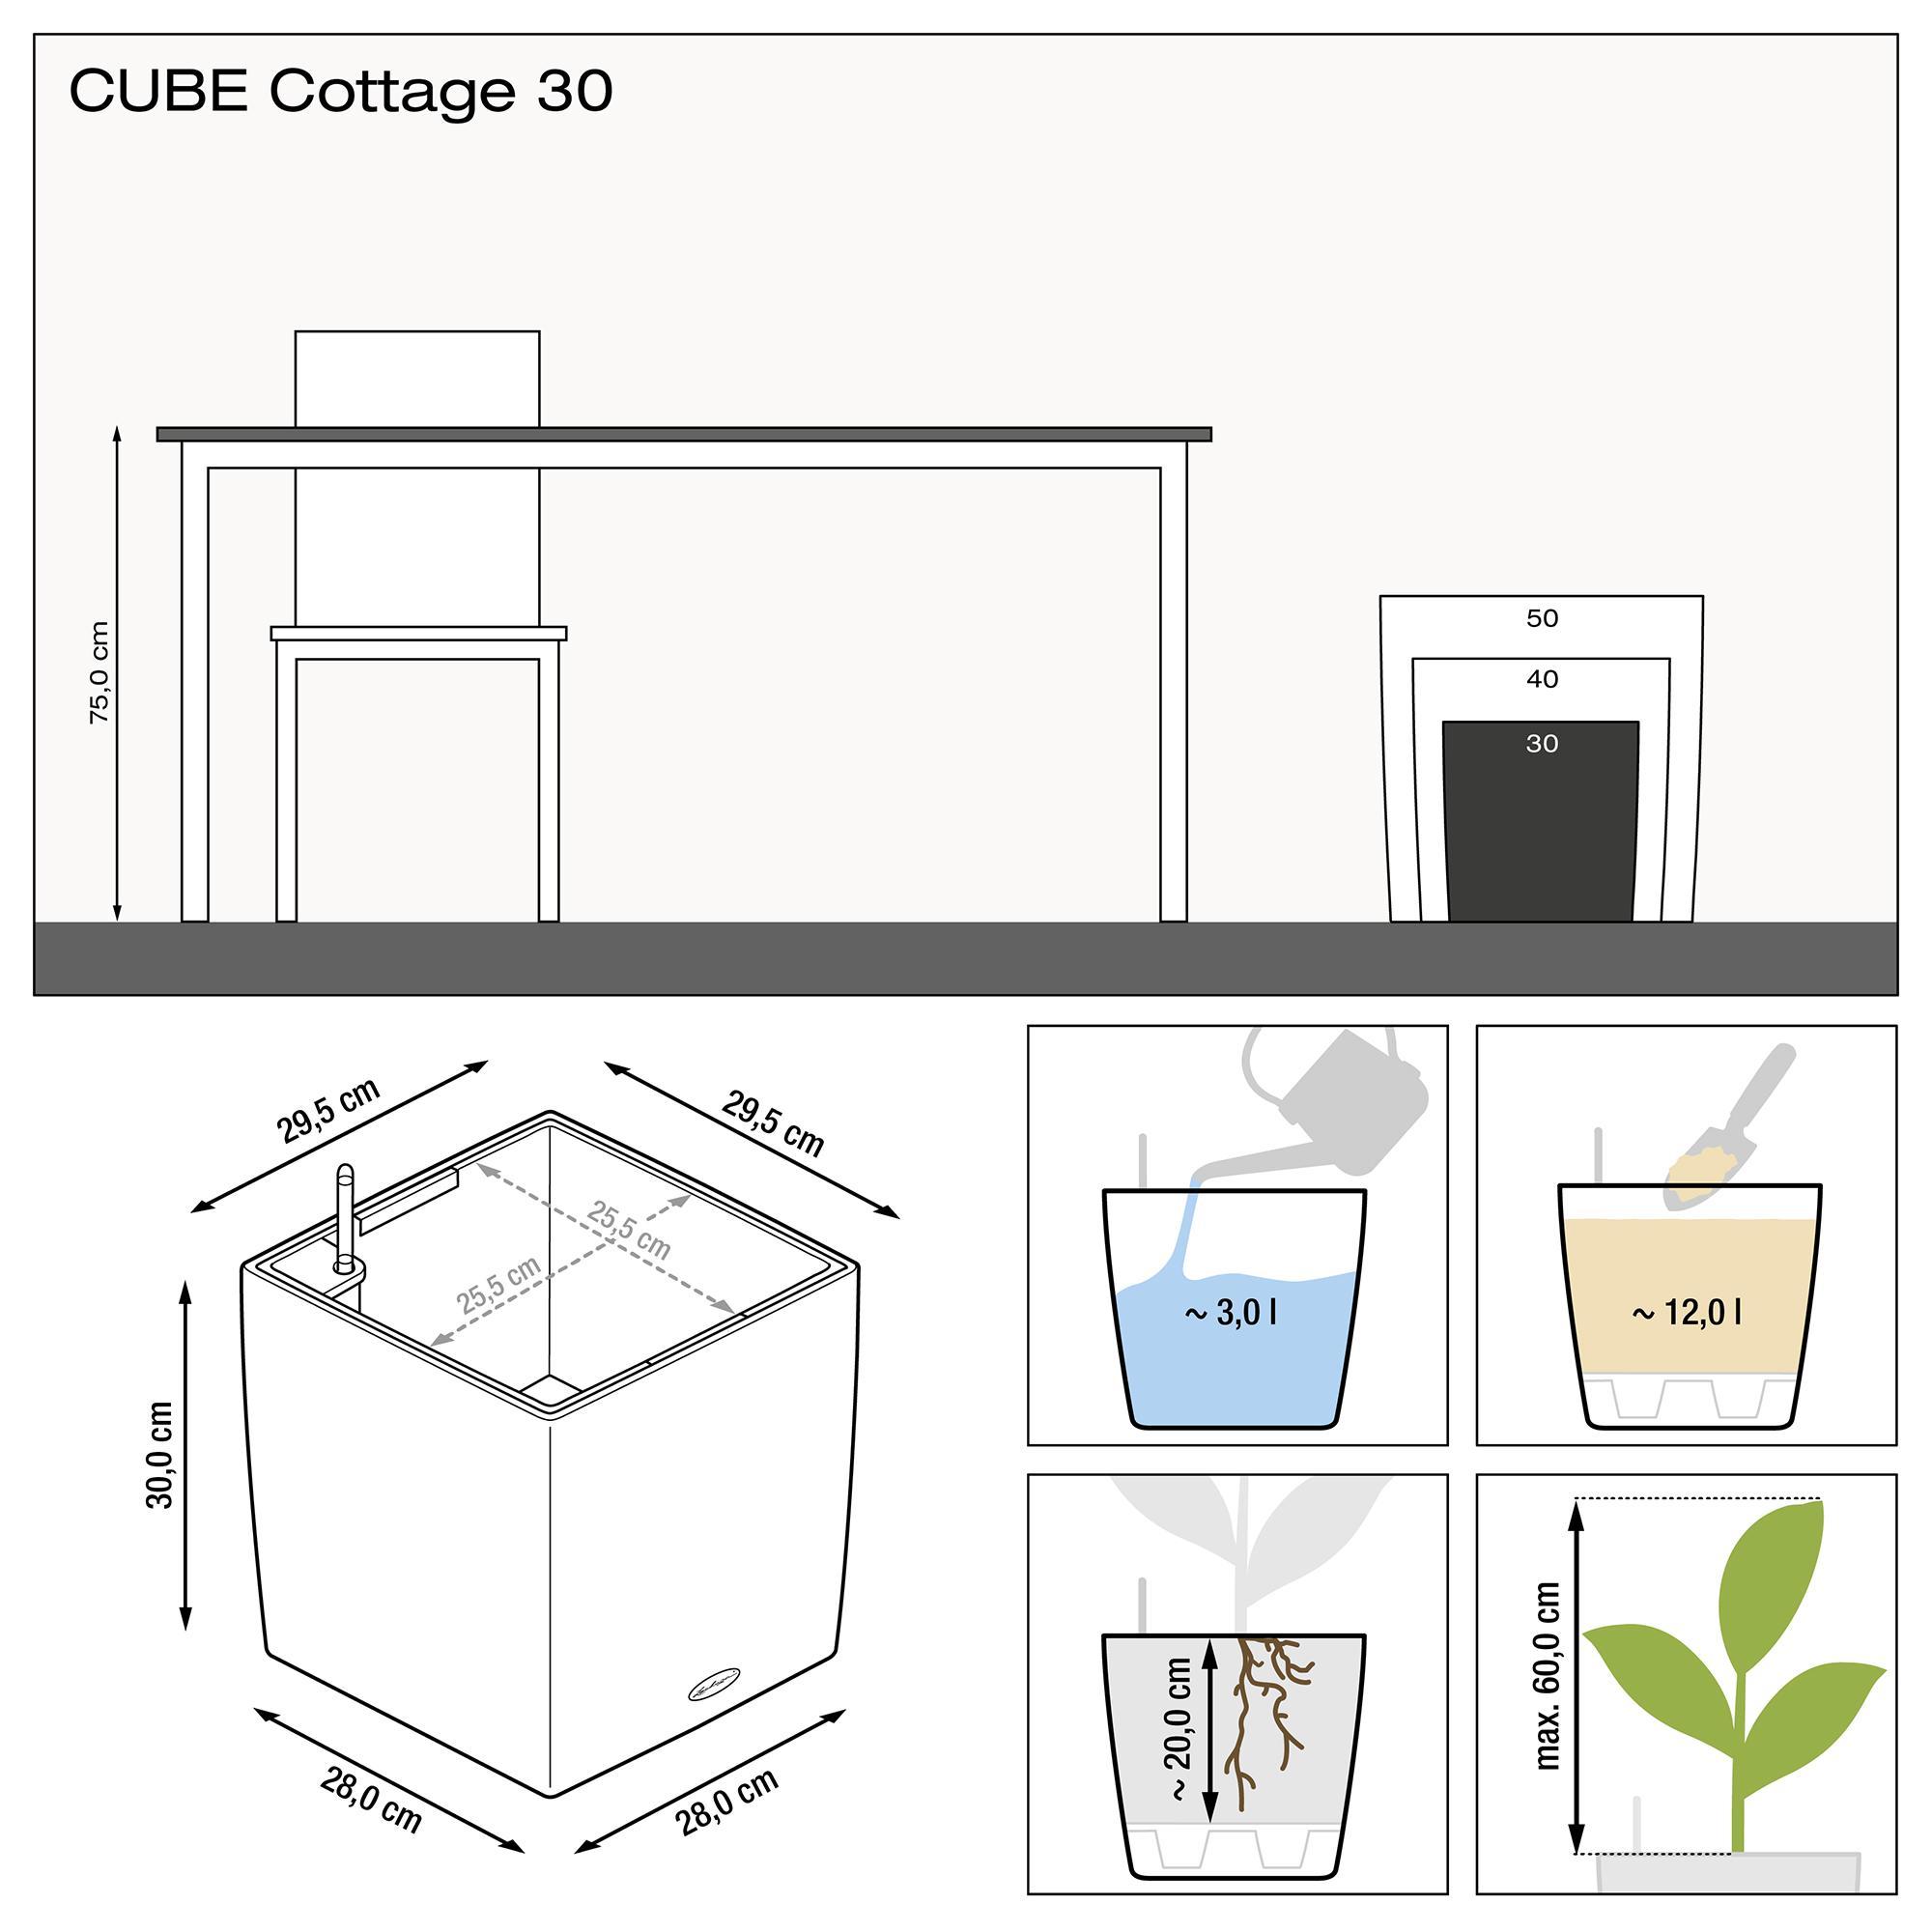 CUBE Cottage 30 moca - Imagen 3